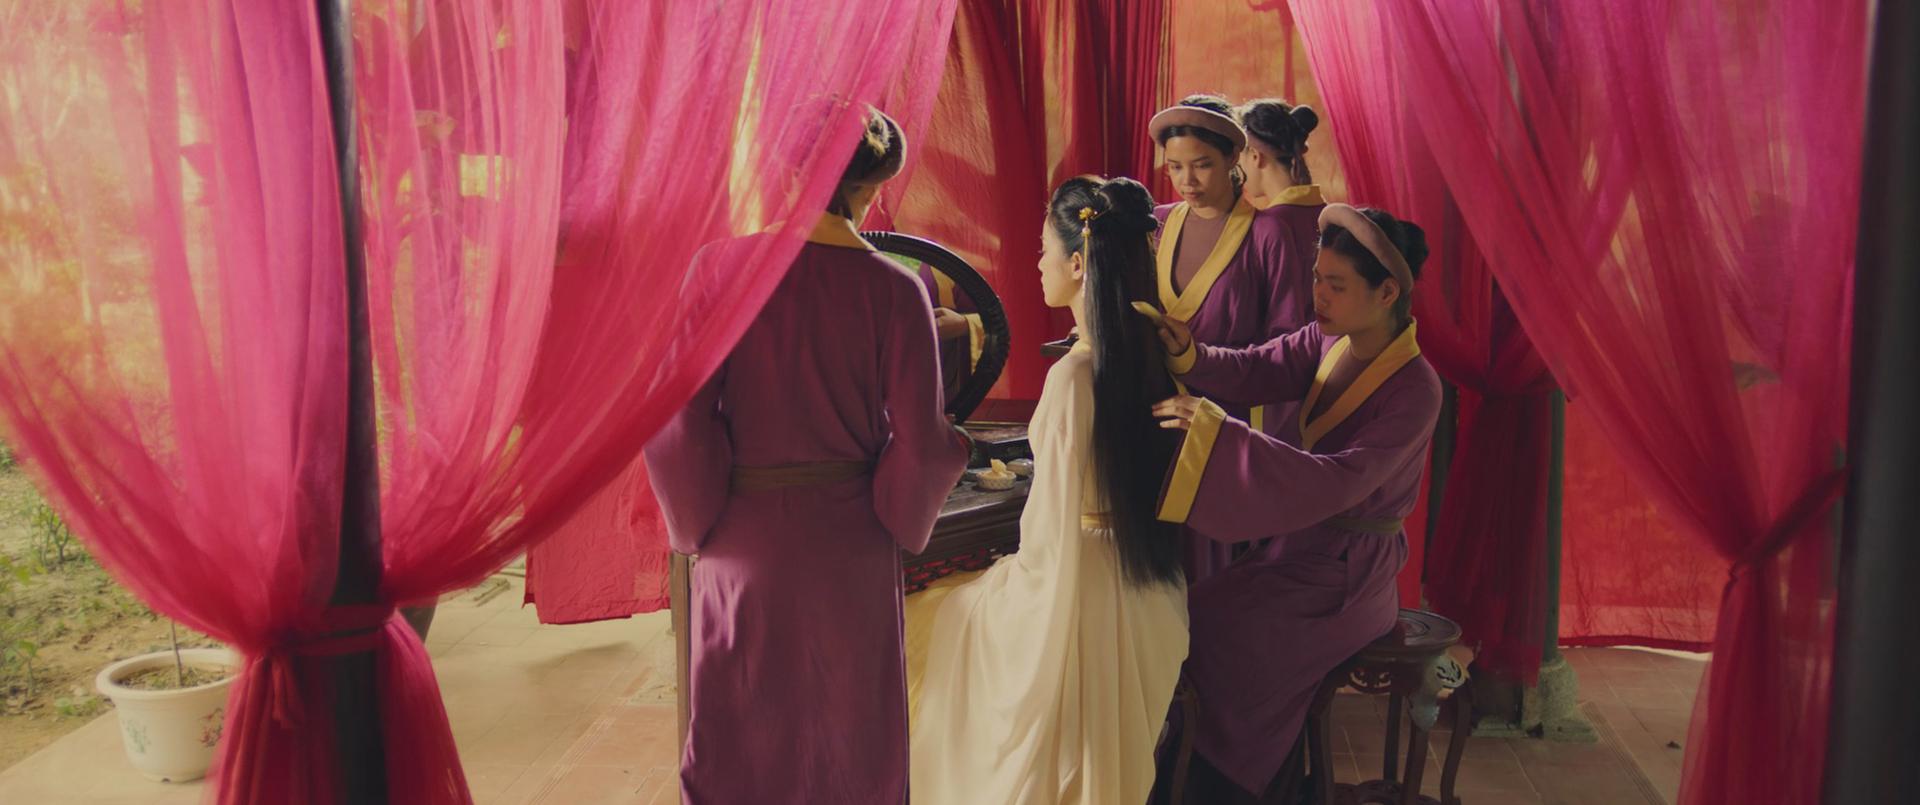 Phim điện ảnh 'Kiều' hé lộ những hình ảnh đầu tiên vào đúng 200 ngày mất của Đại thi hào Nguyễn Du 1